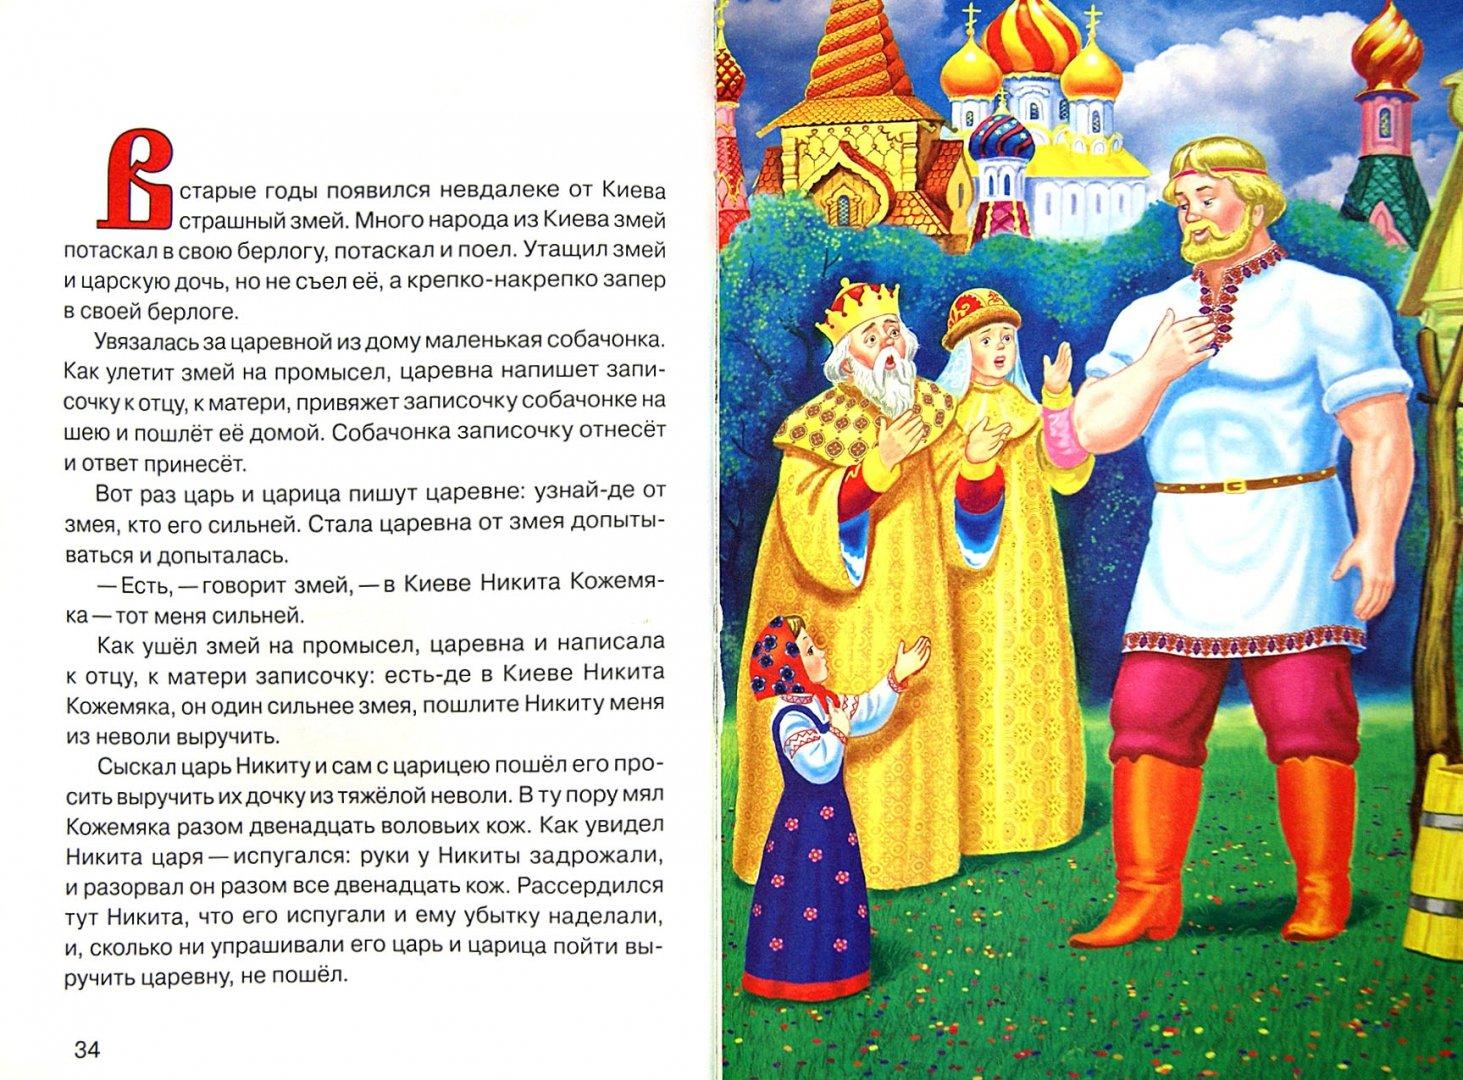 Иллюстрация 1 из 12 для Василиса Прекрасная. Сказки | Лабиринт - книги. Источник: Лабиринт